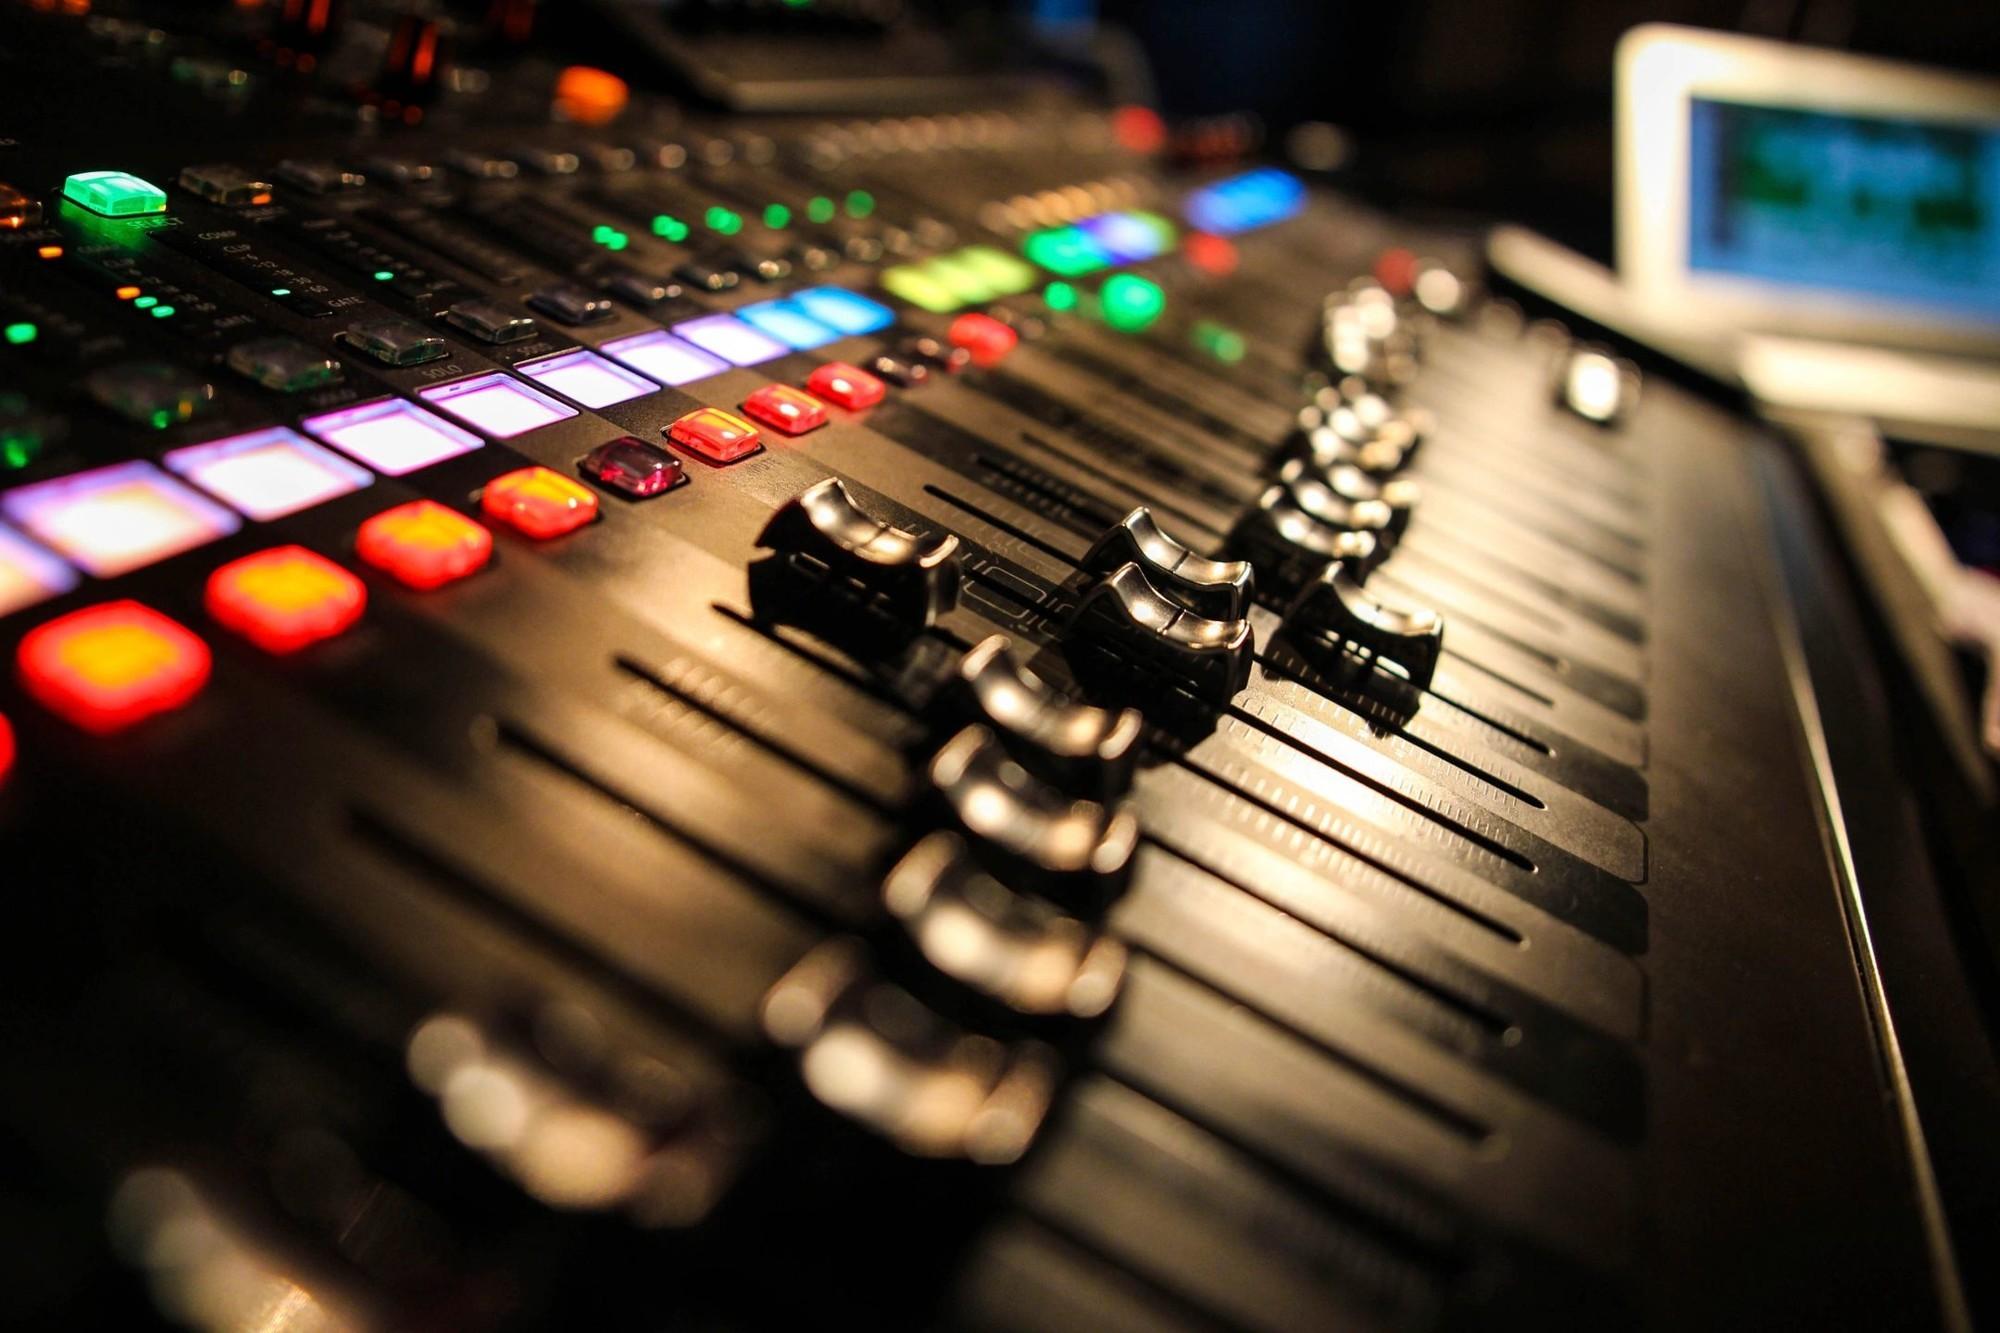 Видео картинки музыкой, игрушка надписью пожеланий